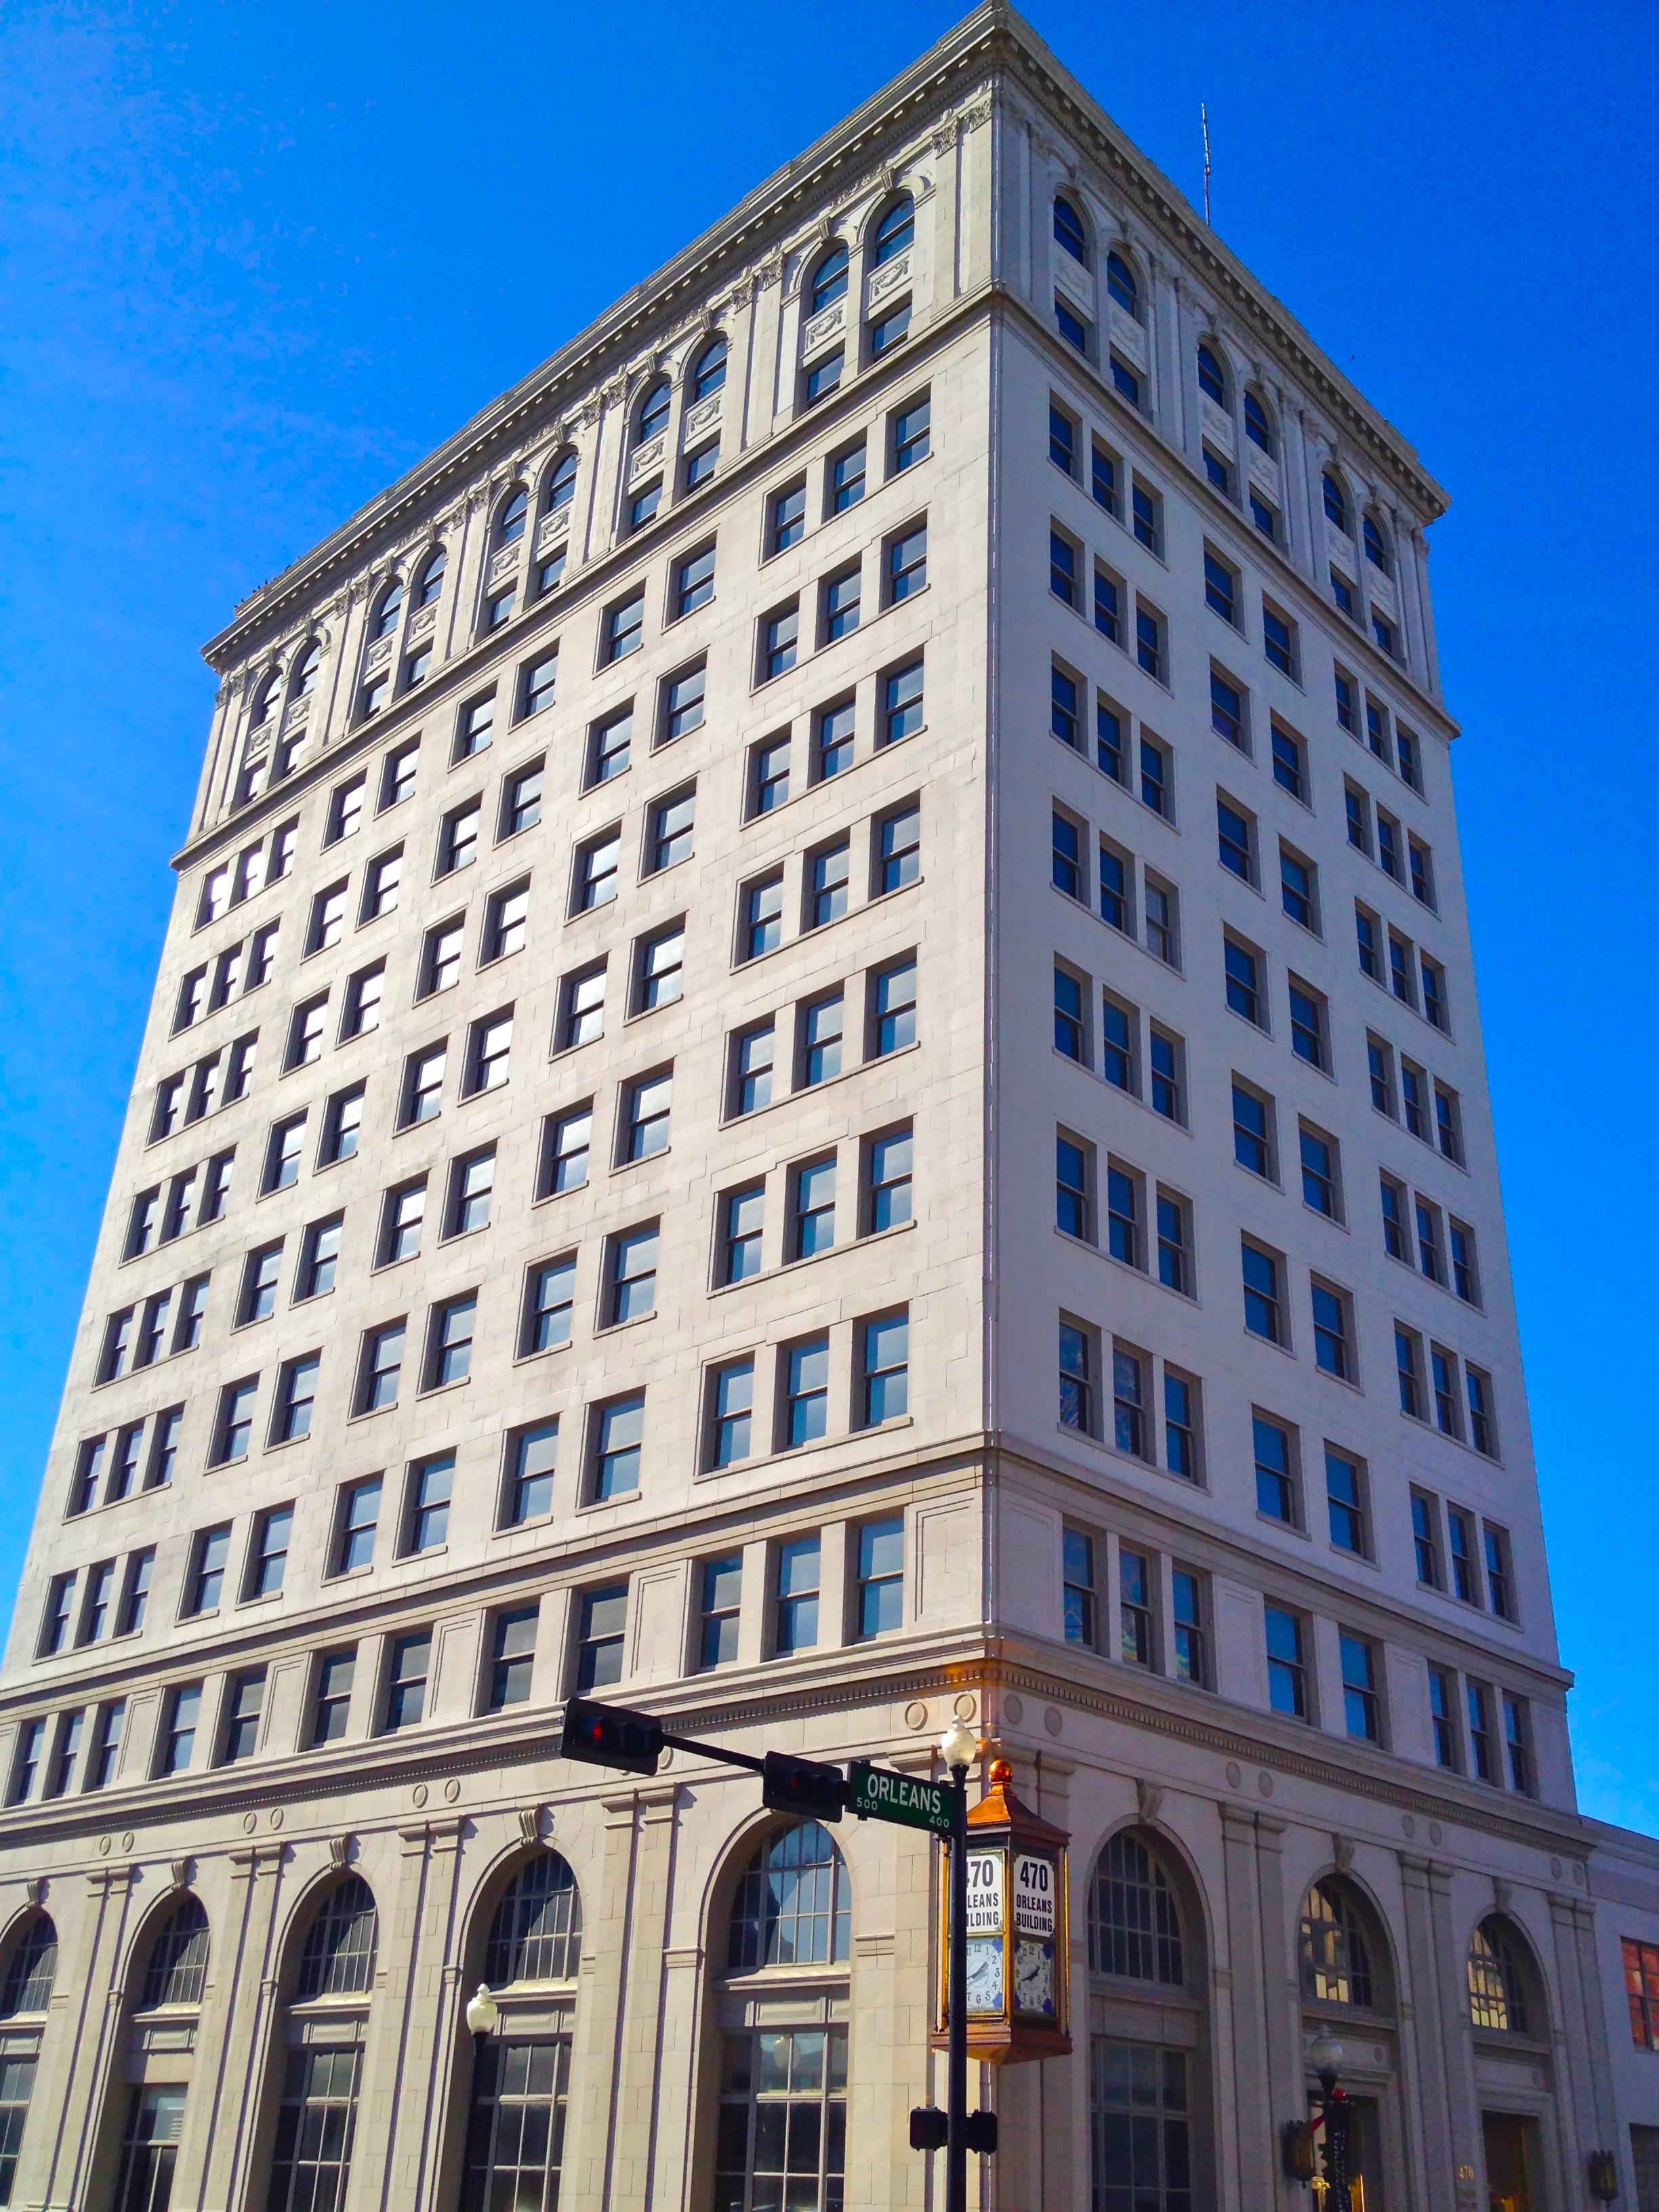 470 Orleans Building